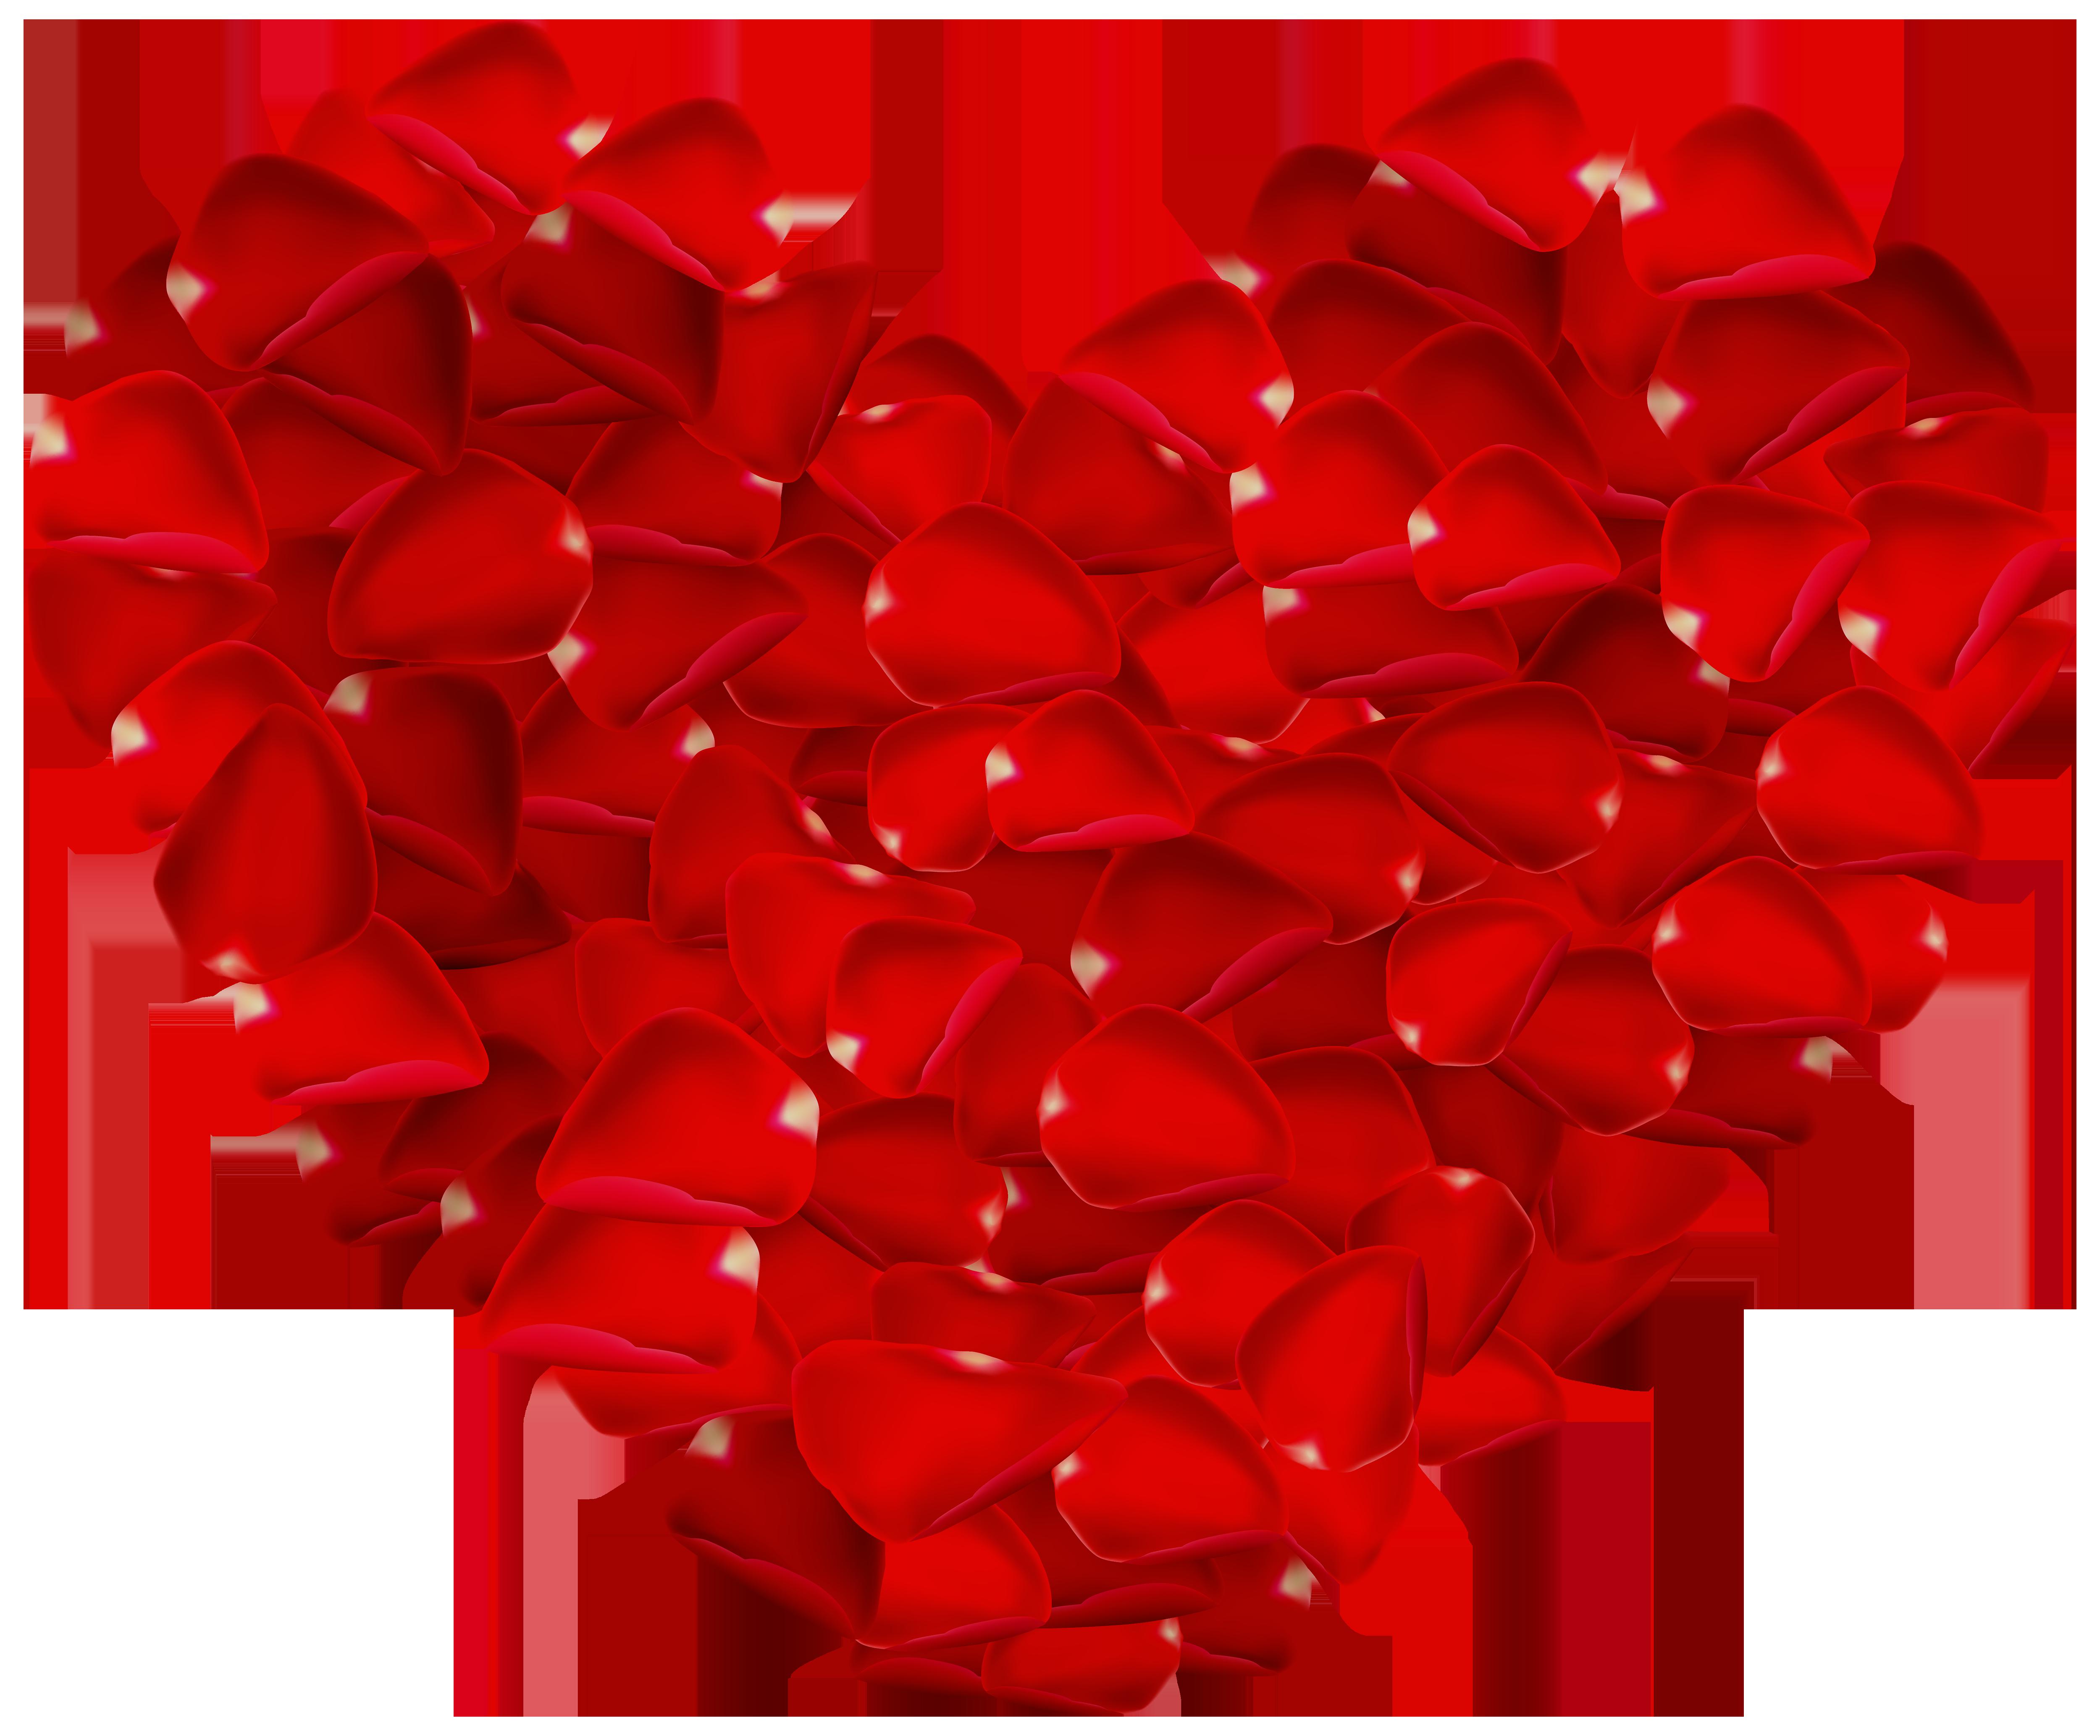 Hearts clipart rose. Petals heart png image